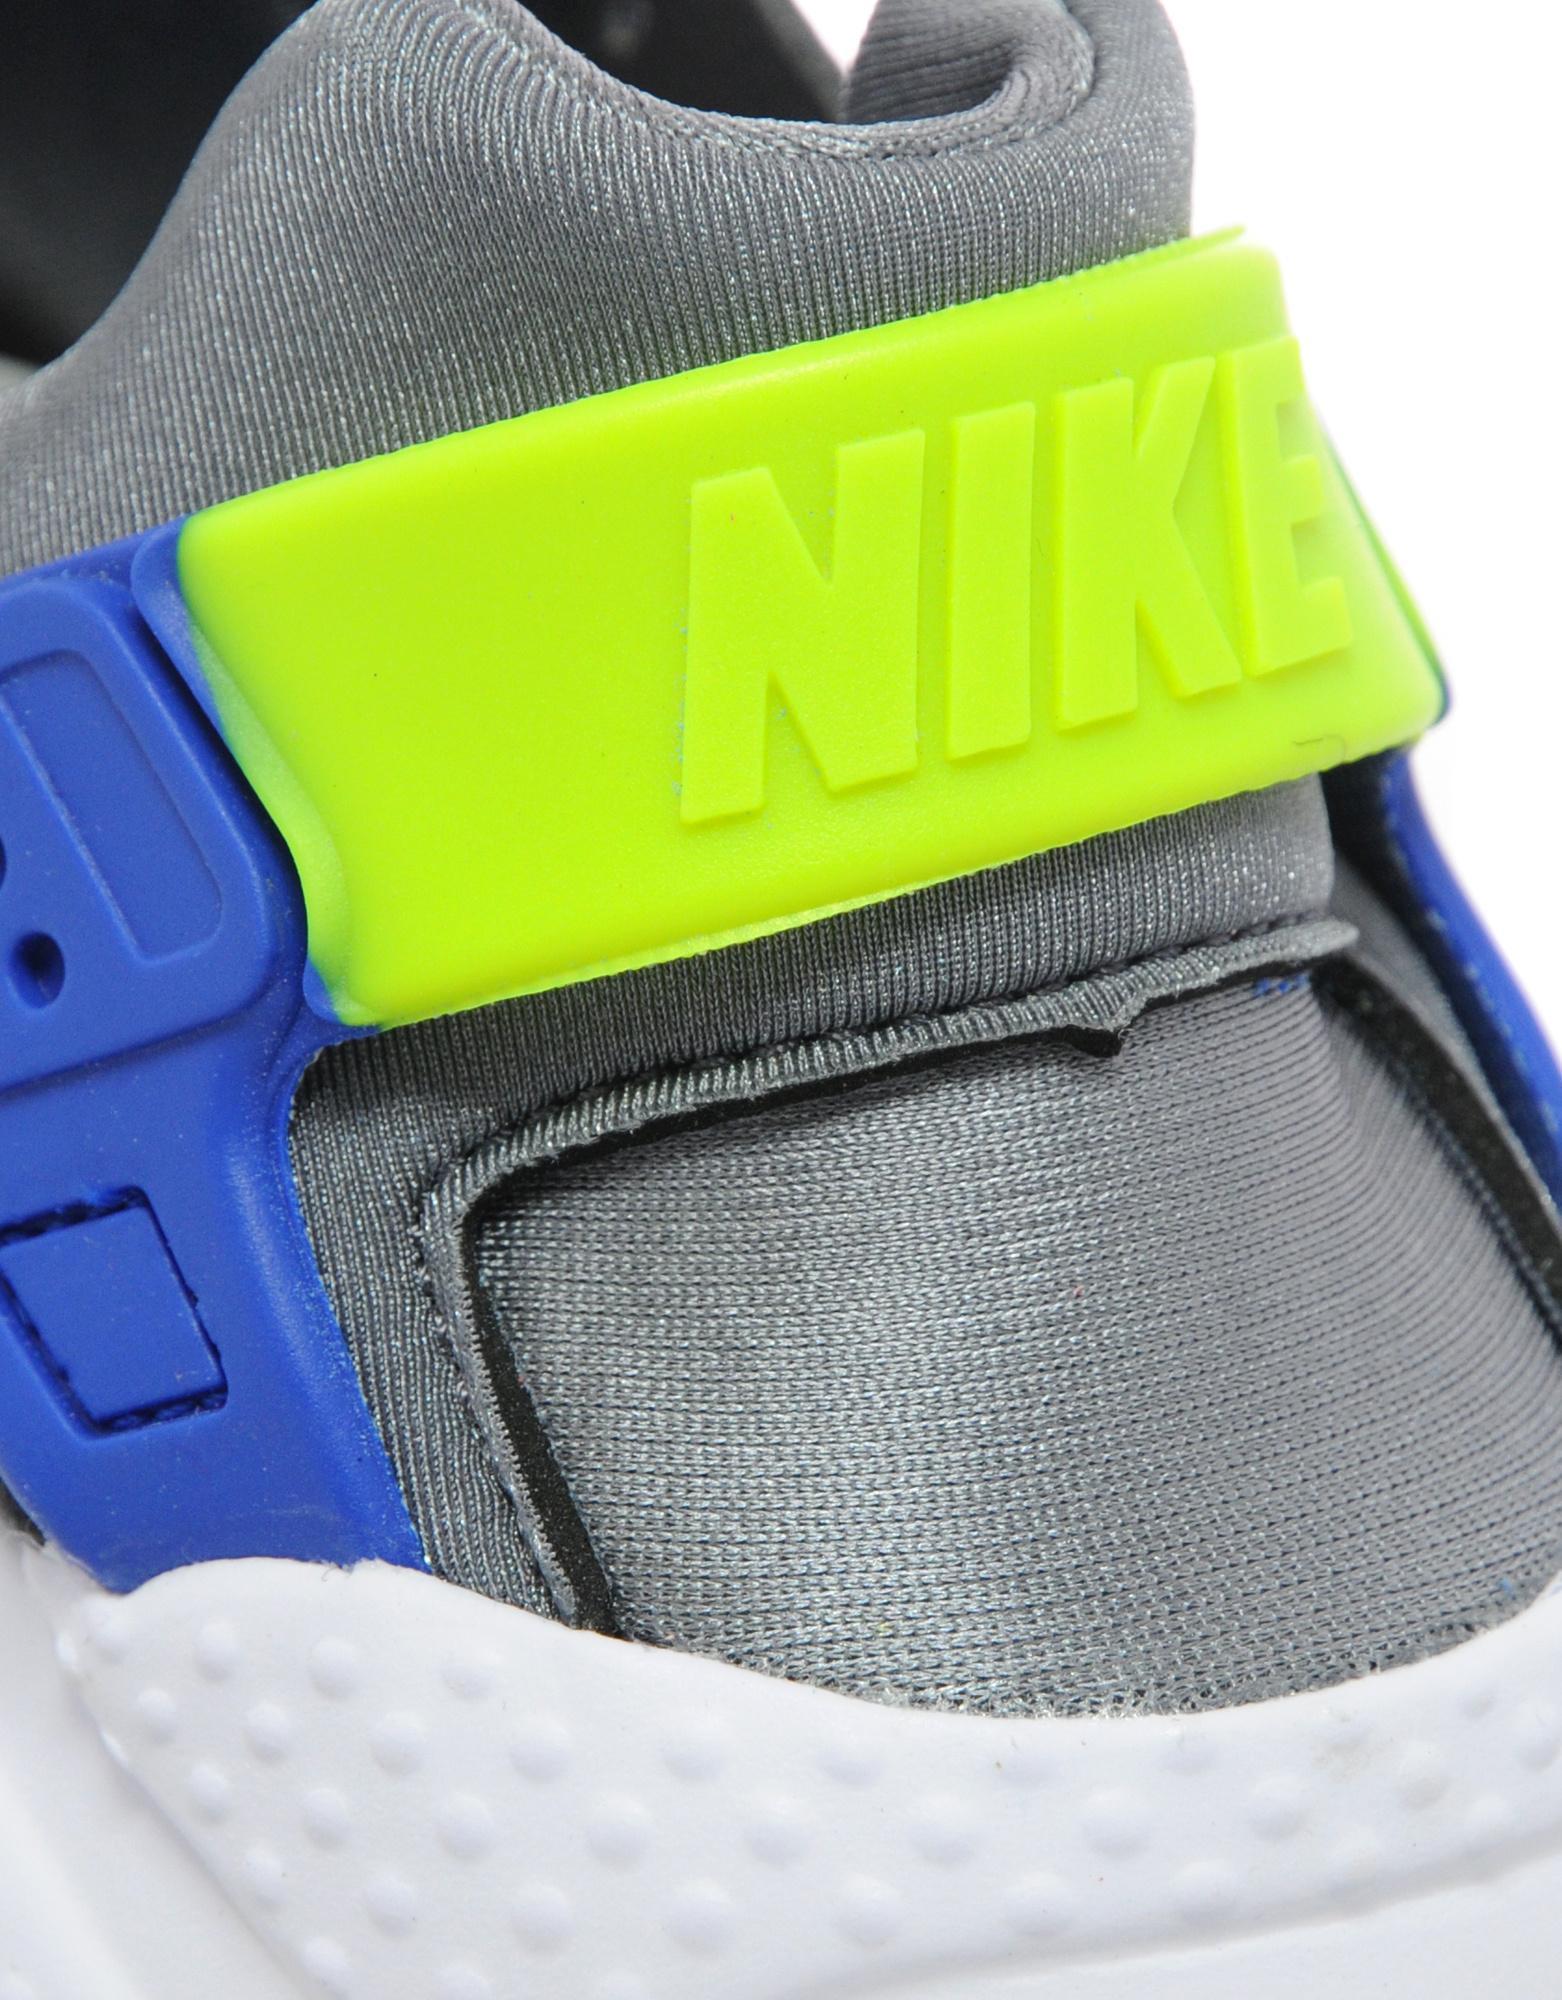 Nike Air Huarache Junior Uk